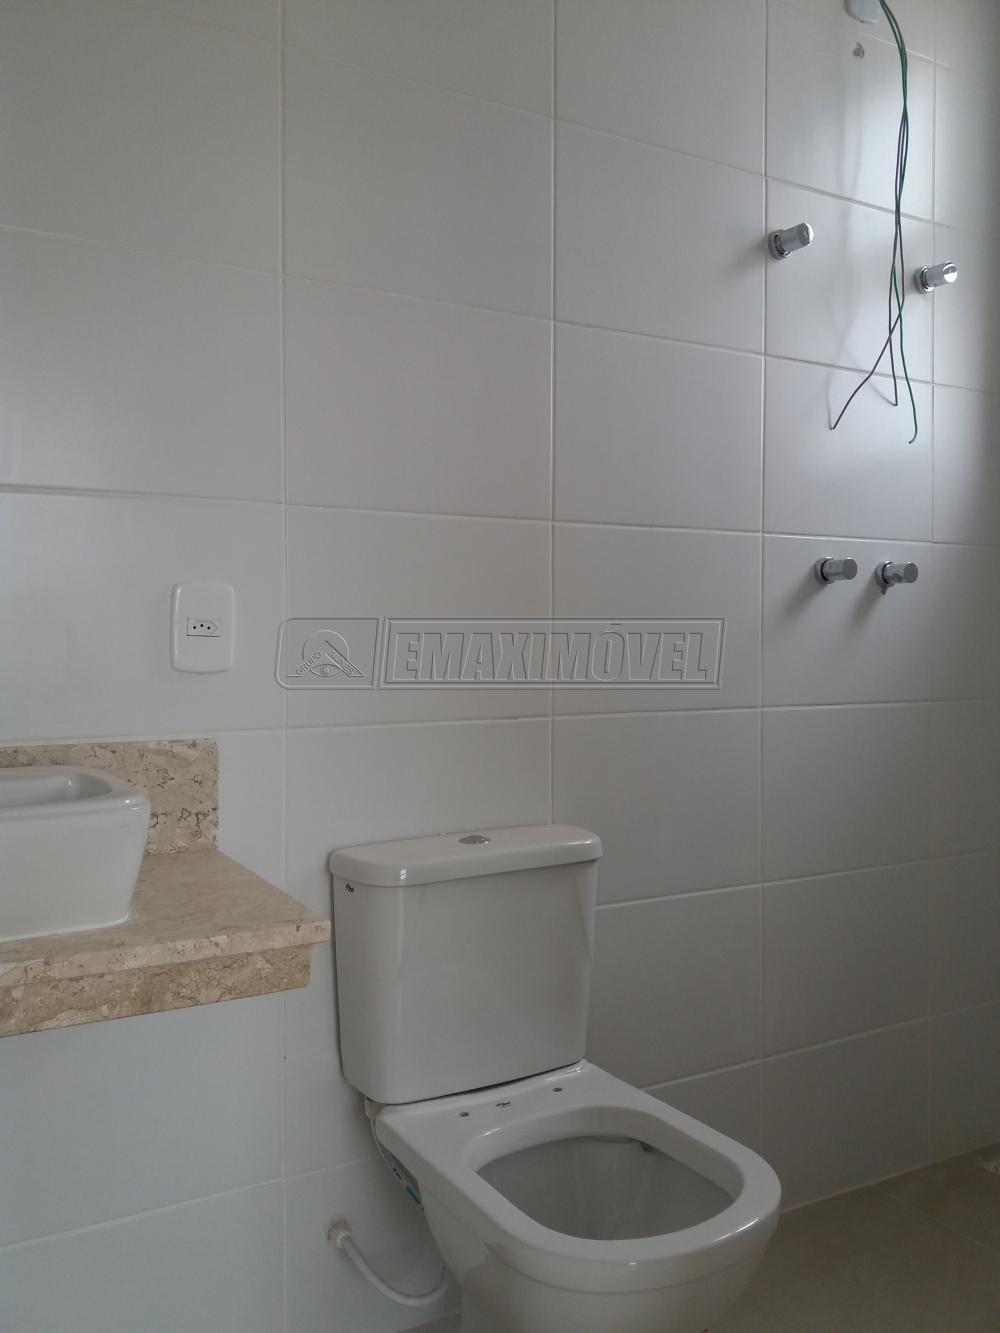 Comprar Apartamentos / Apto Padrão em Sorocaba apenas R$ 535.000,00 - Foto 24